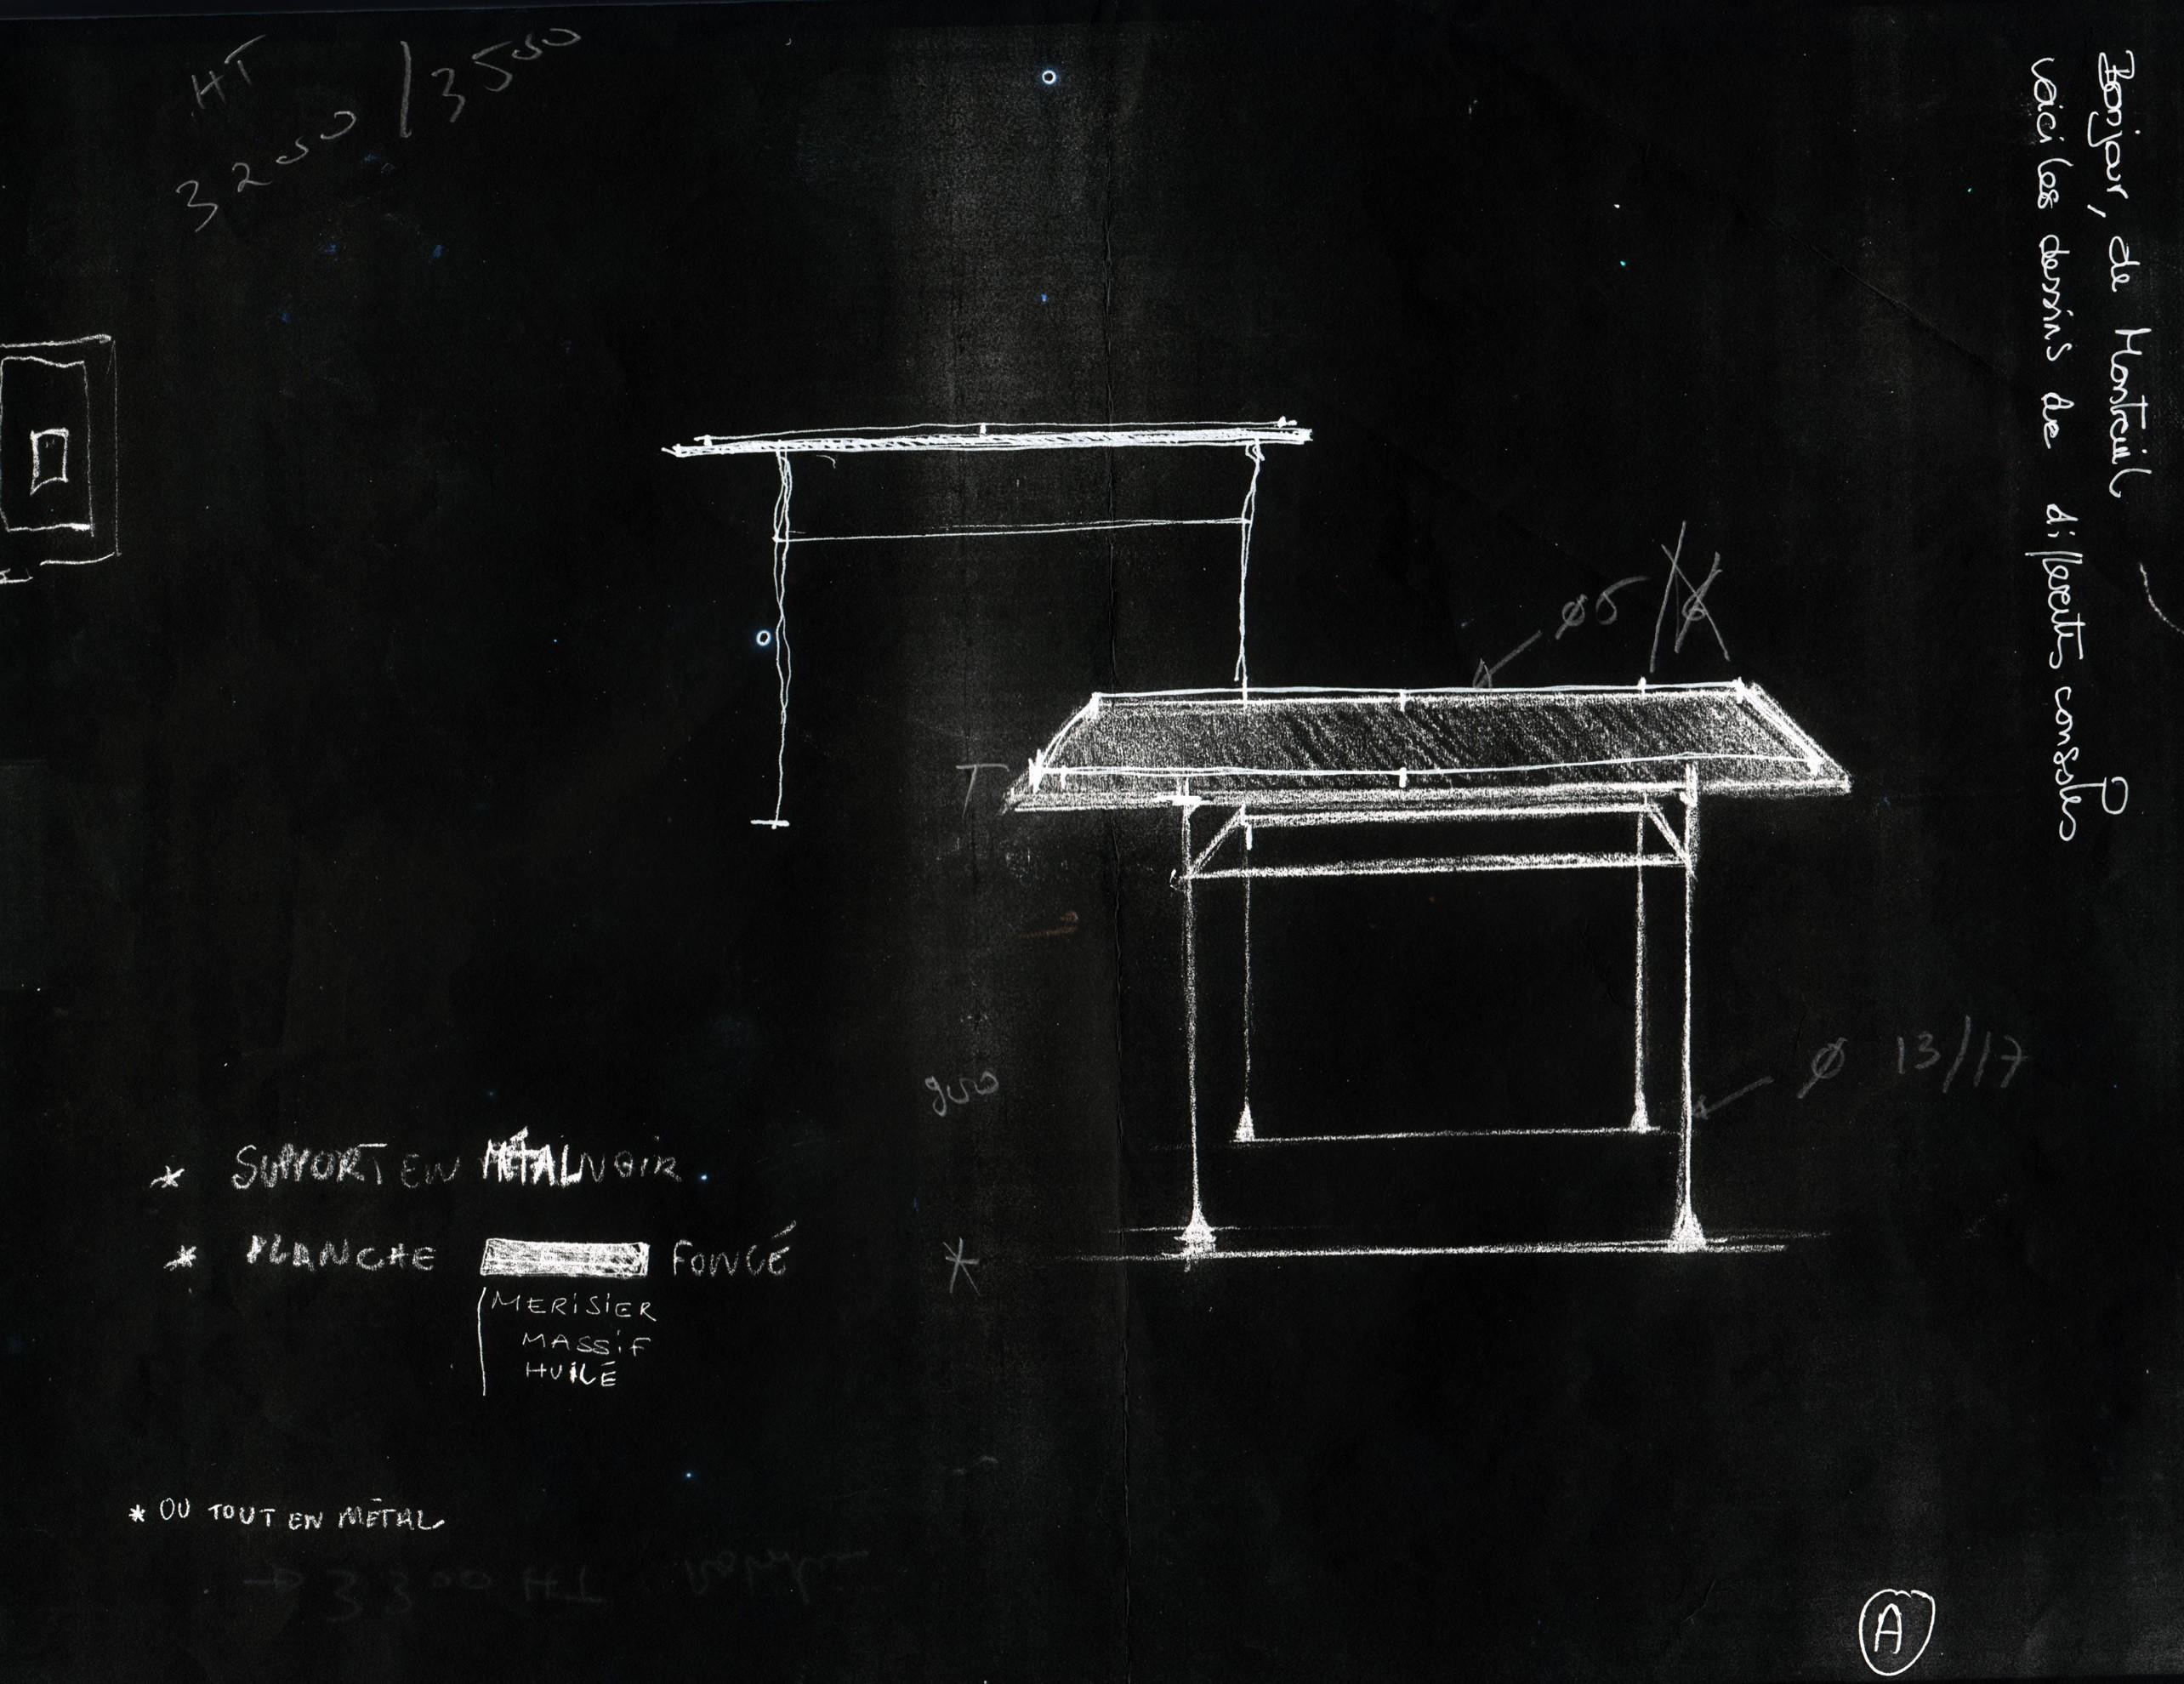 JIM D / Artiste, Photos-peintures, Création Numérique